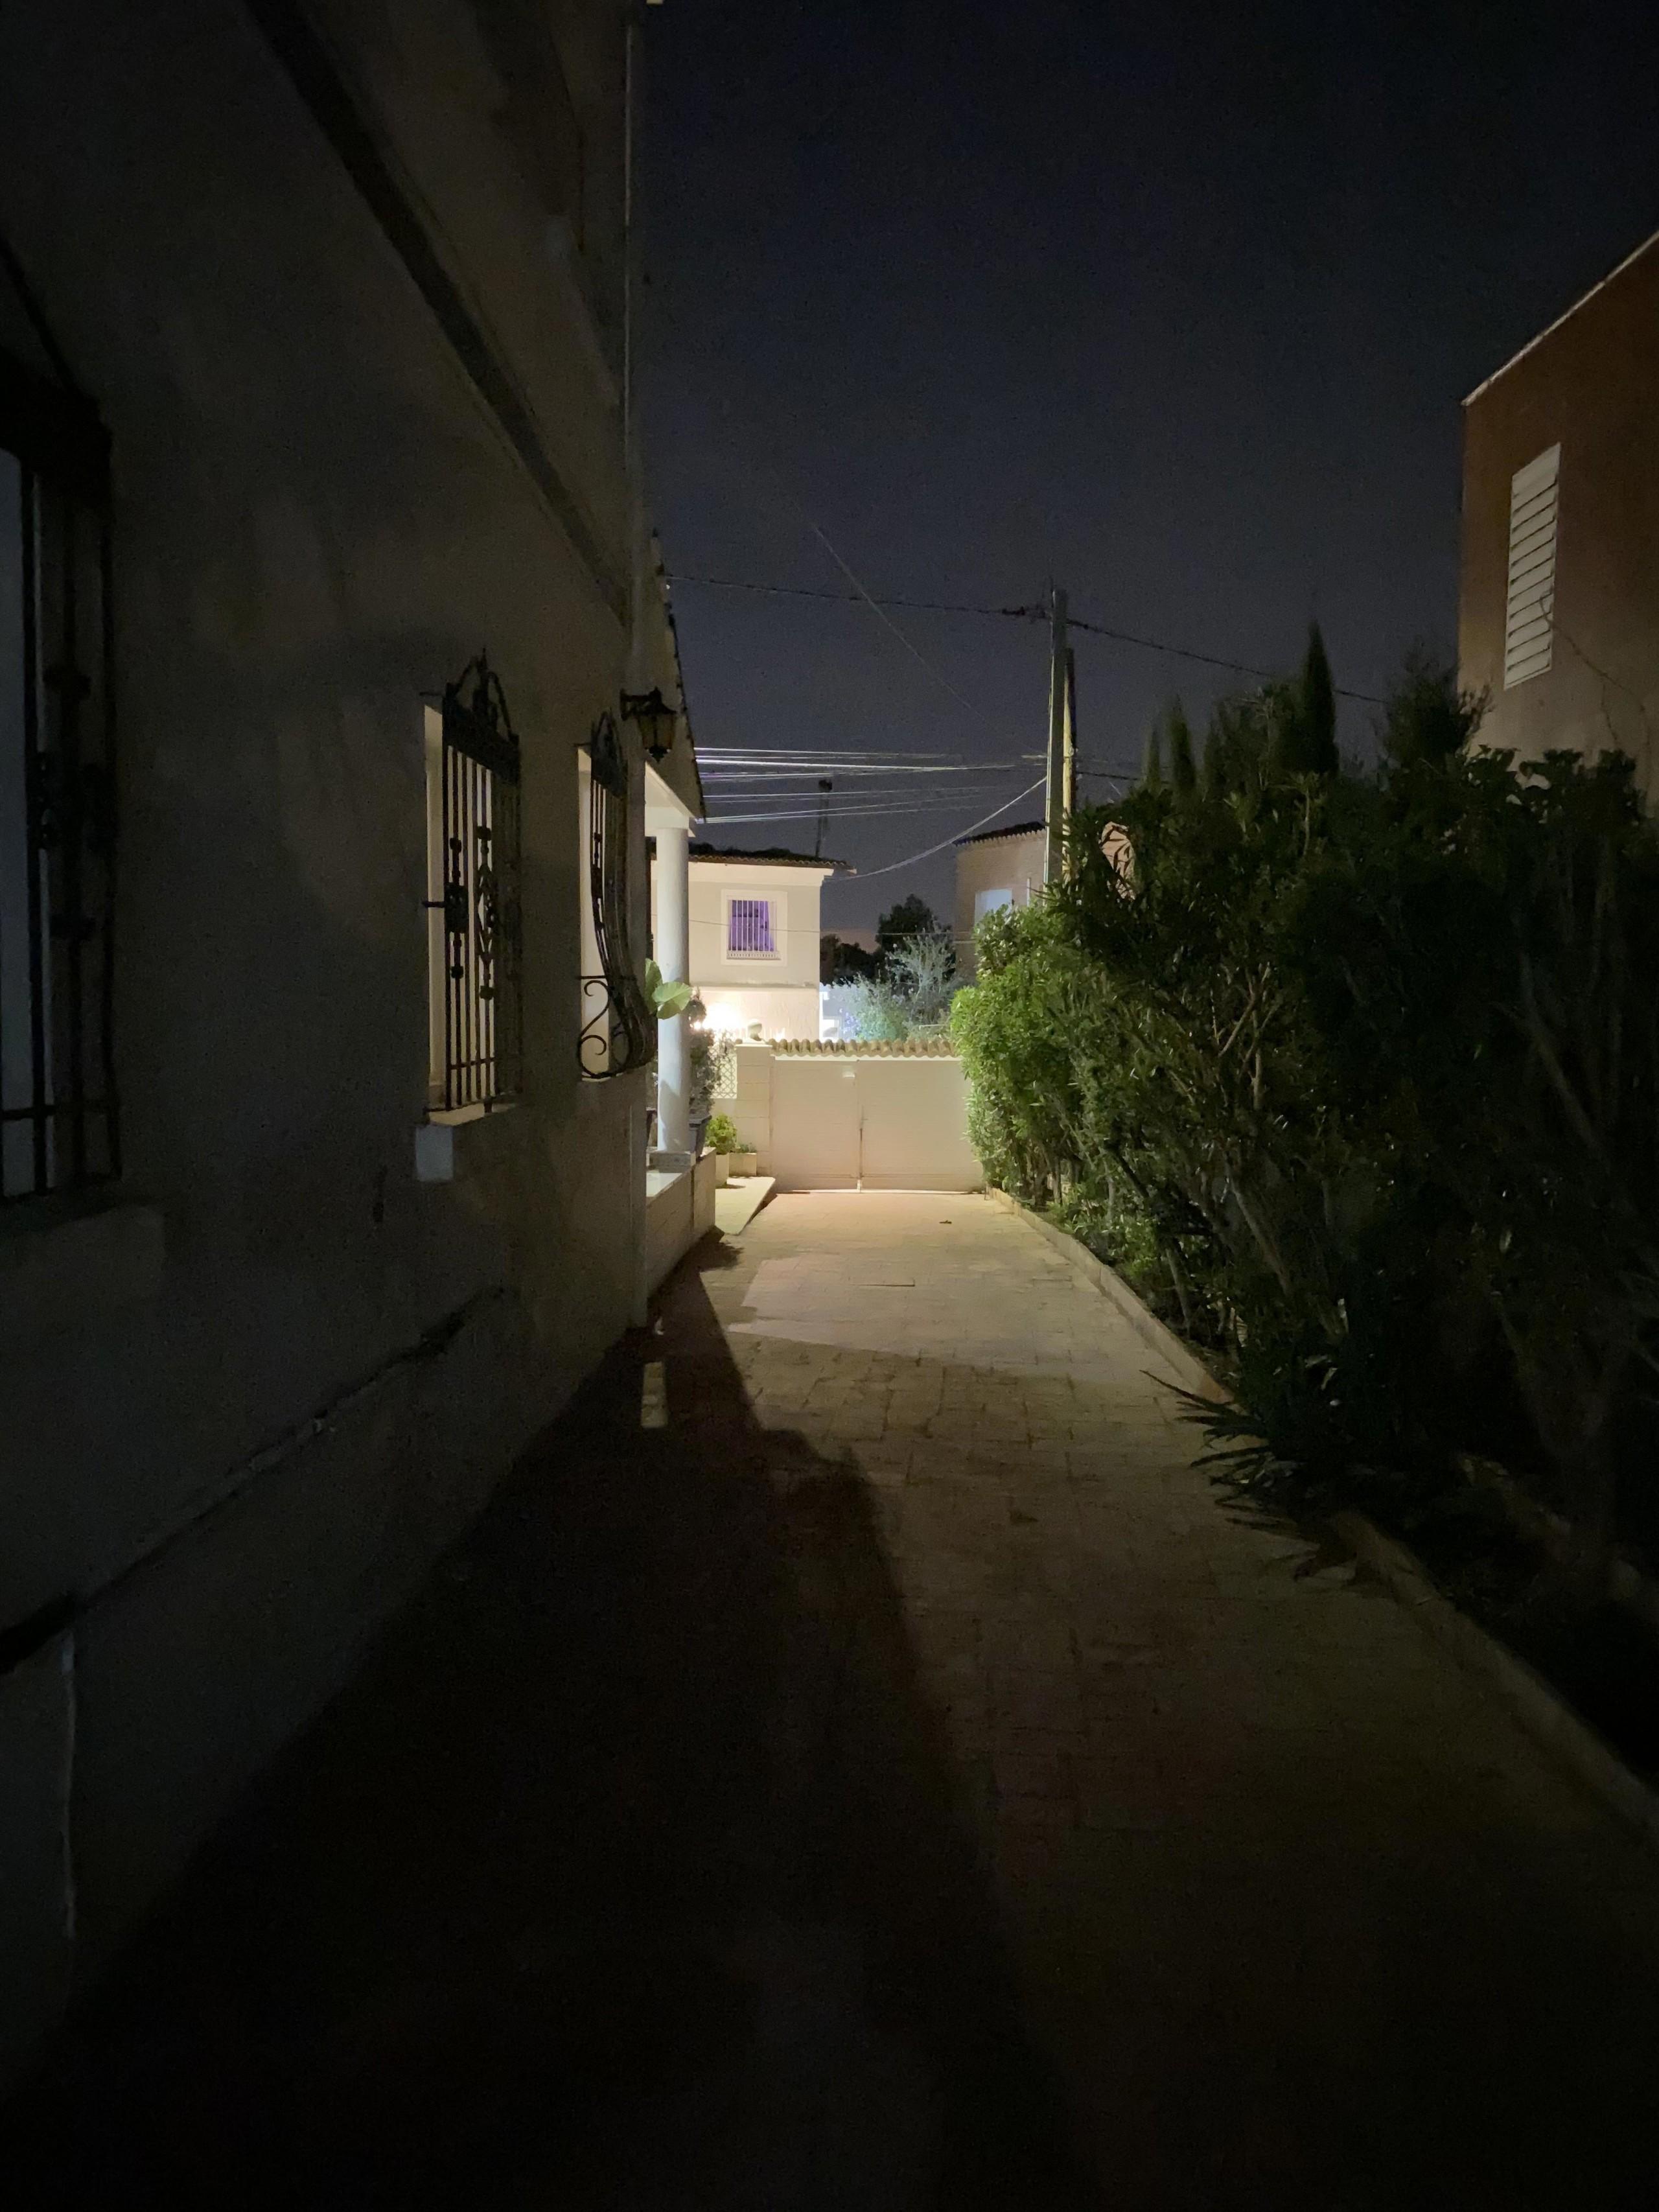 iPhone 11, modo noche